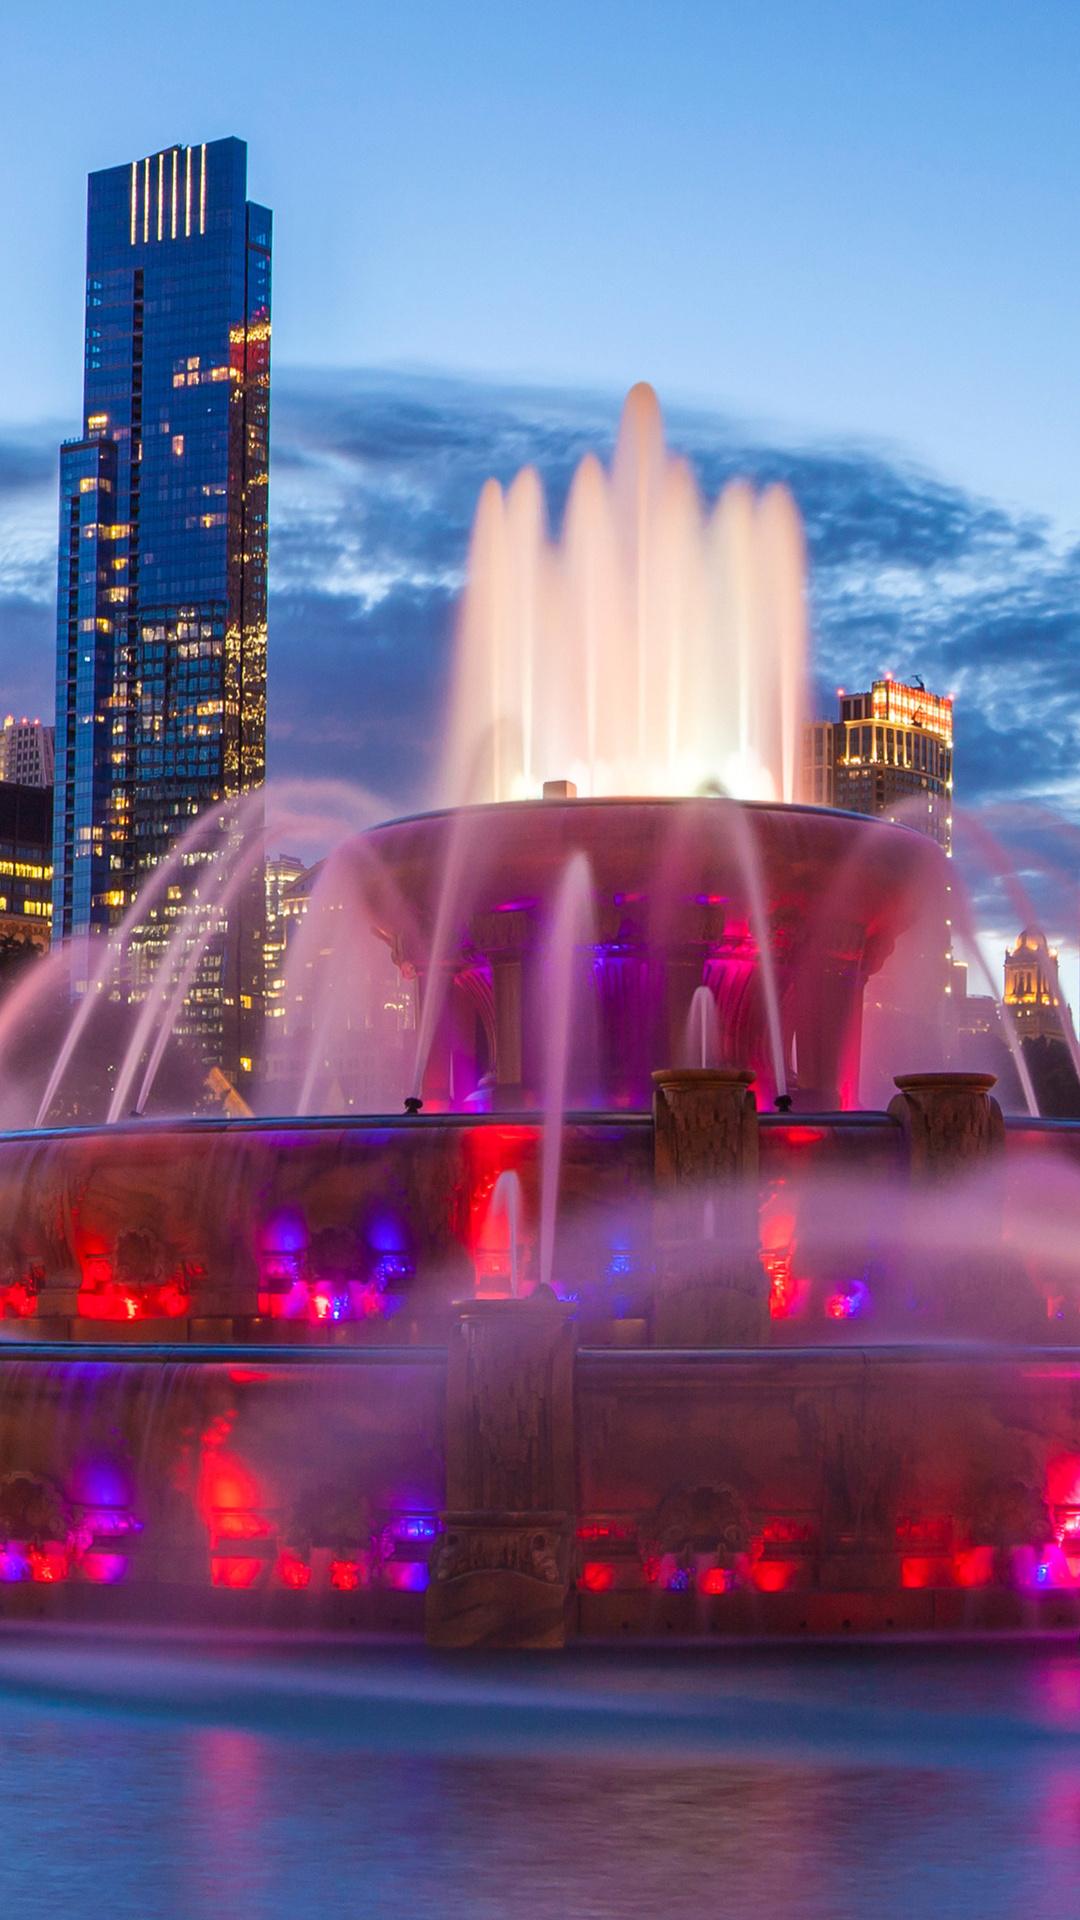 chicago-city-waterfall-8k-x1.jpg